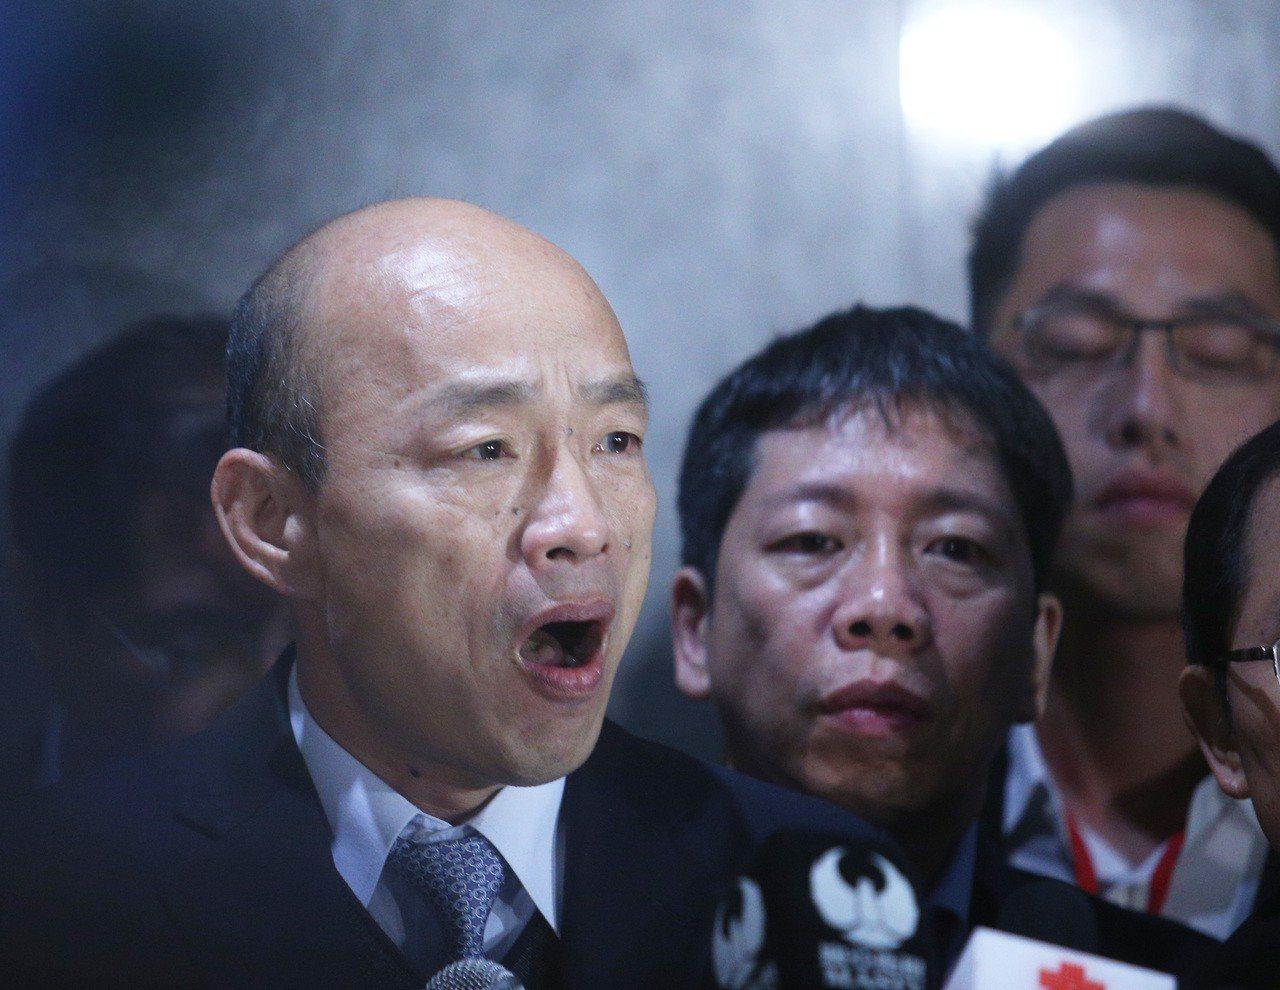 韓國瑜抵達深圳受到熱烈歡迎。 聯合報系資料照/記者劉學聖攝影